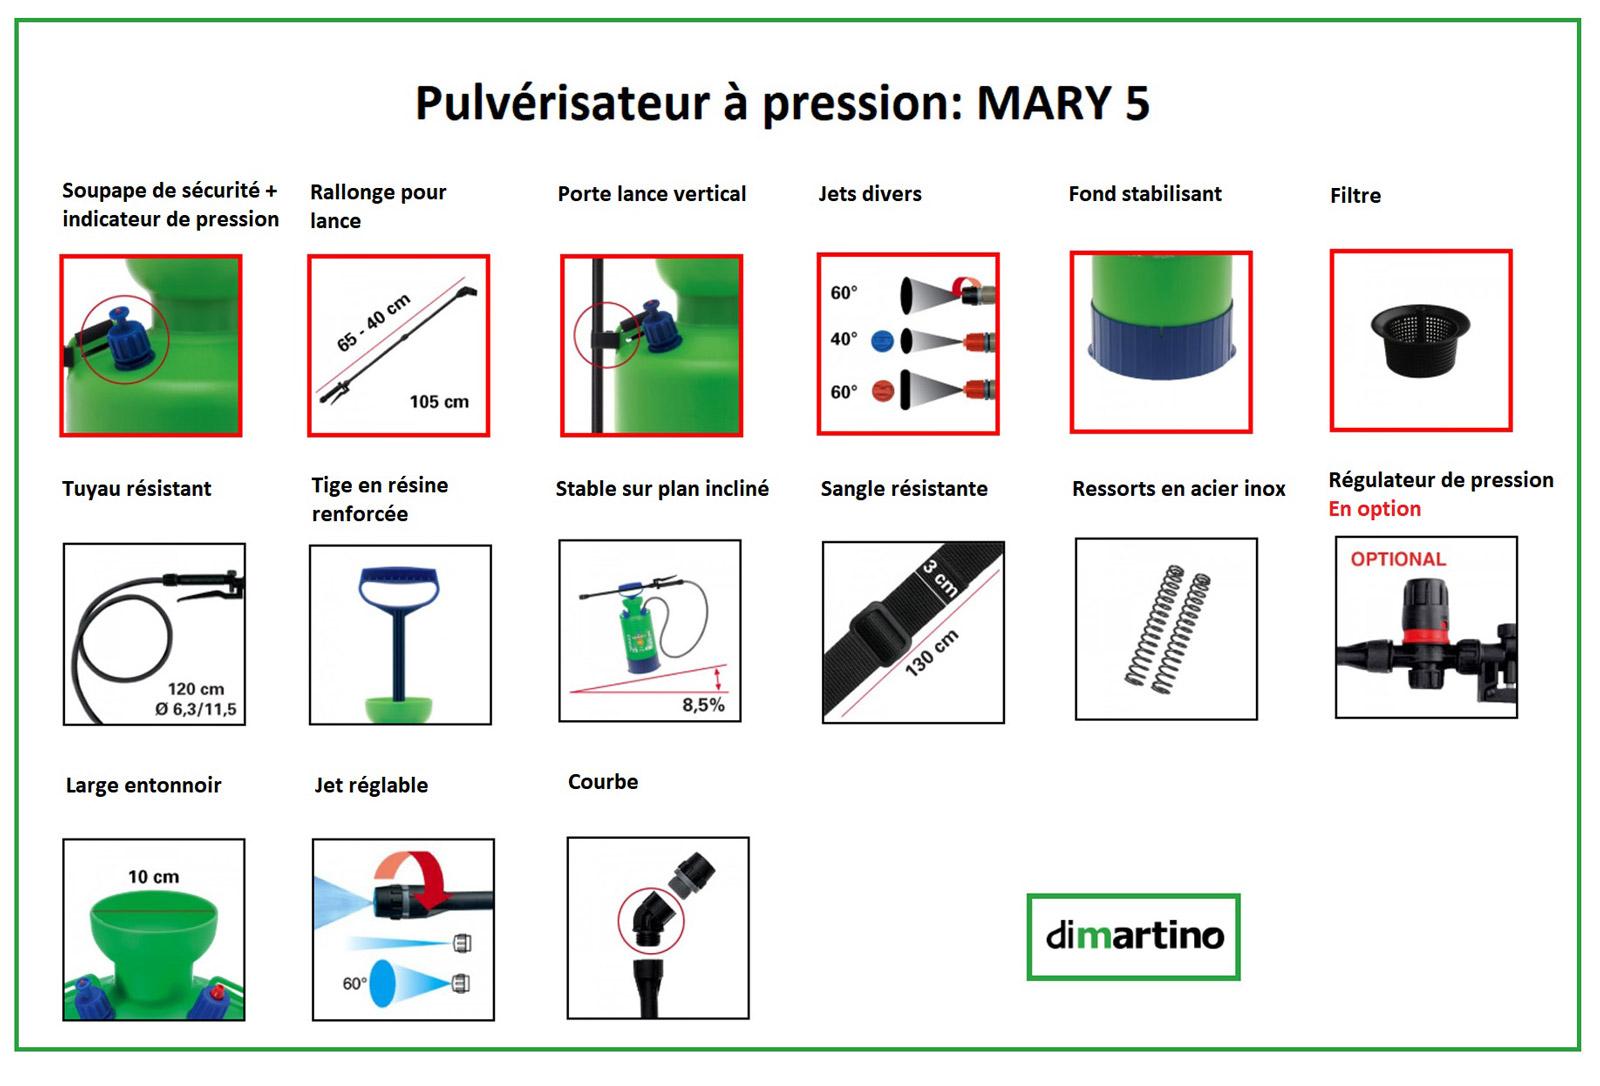 Pulvérisateur à pression Dimartino - MARY 5 litres